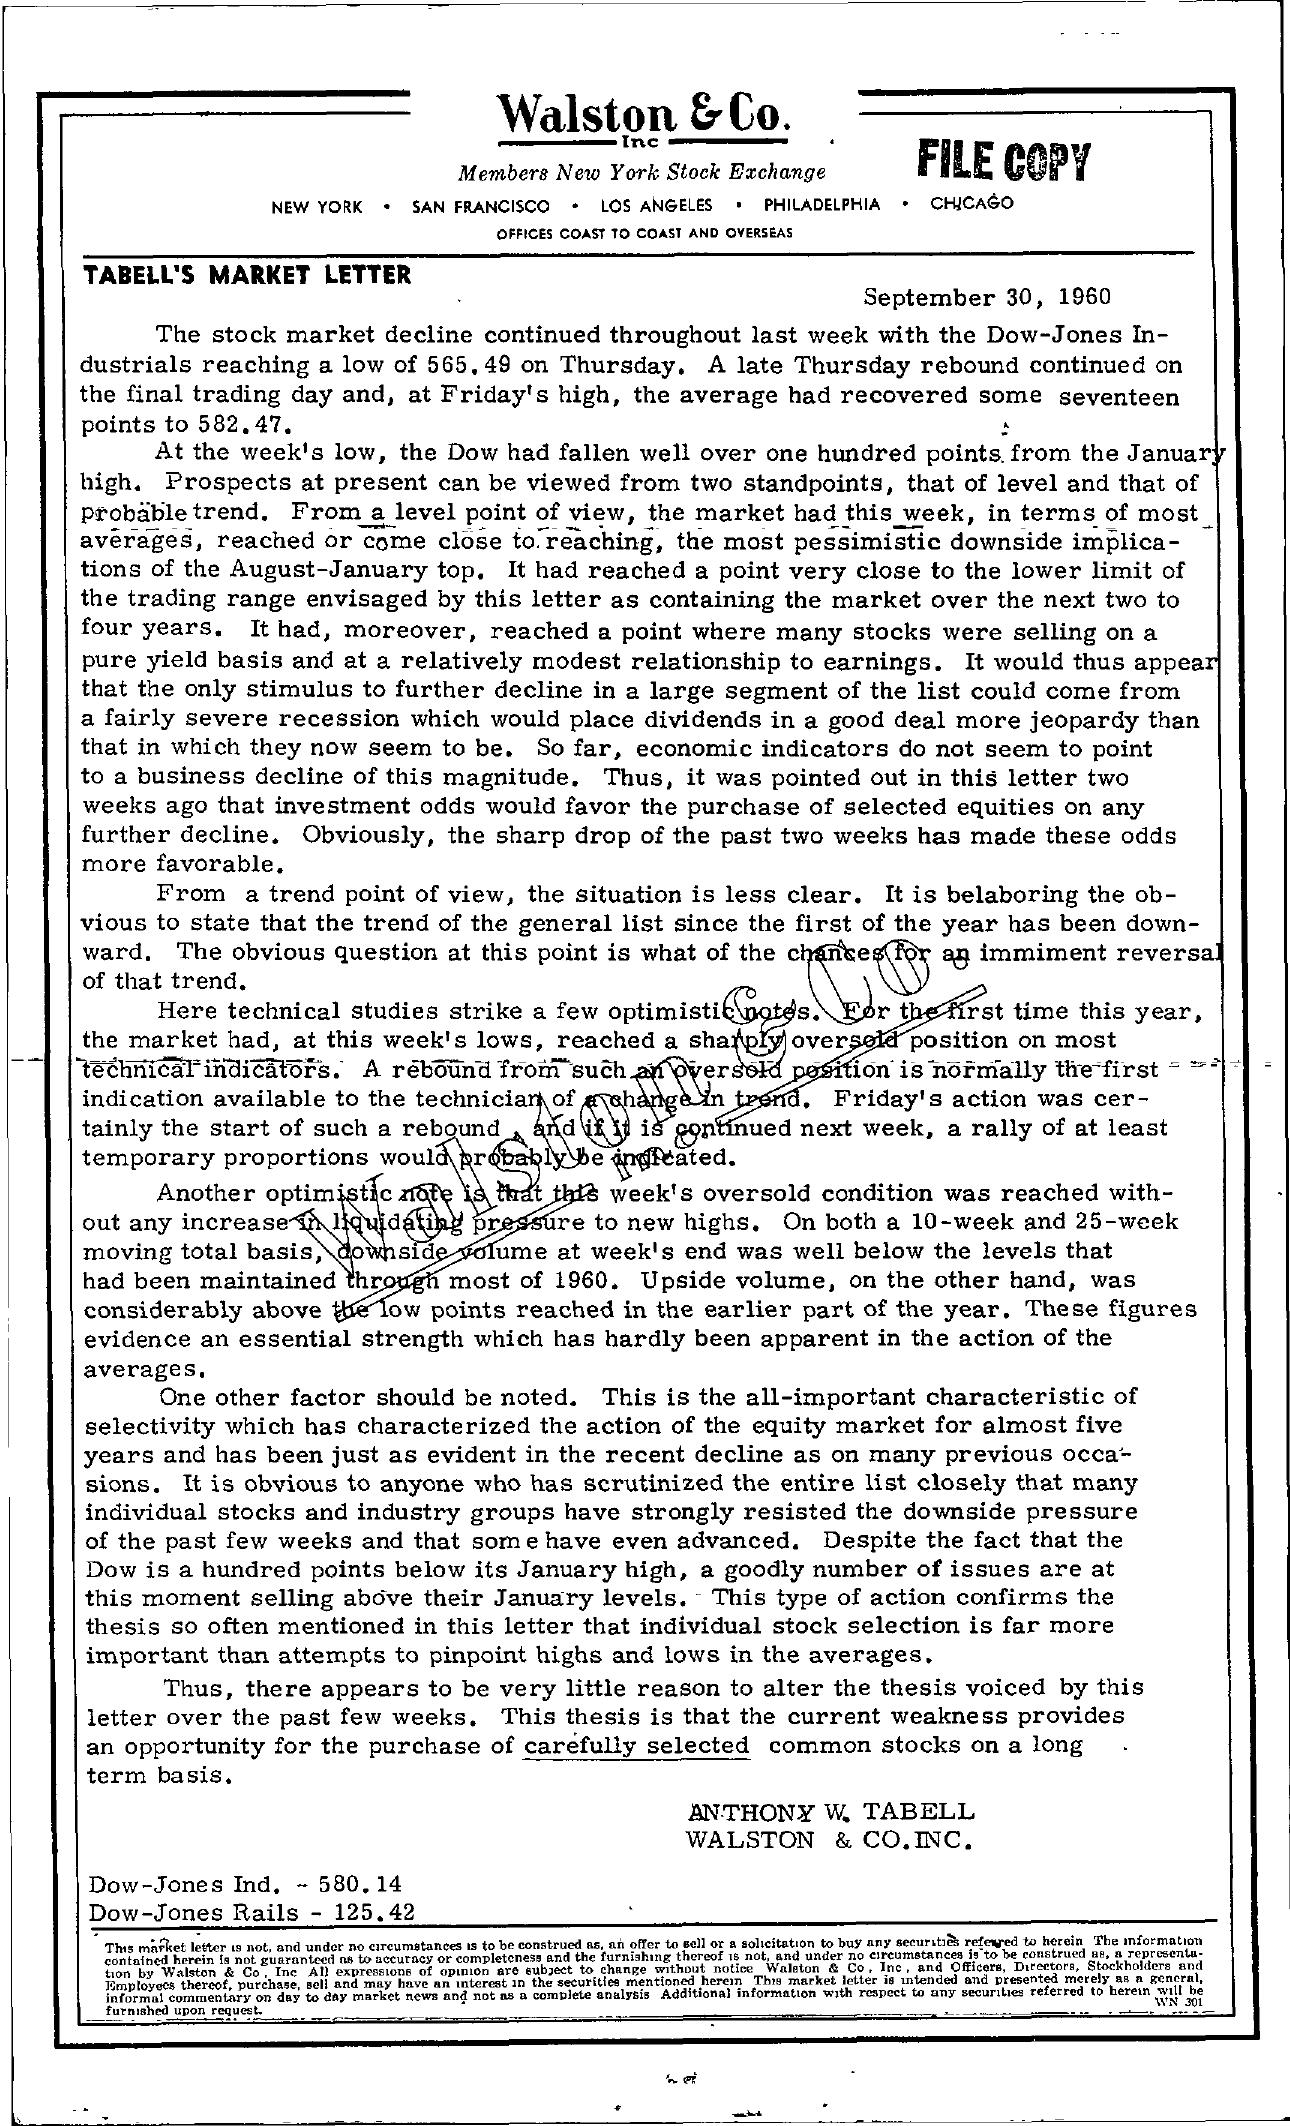 Tabell's Market Letter - September 30, 1960